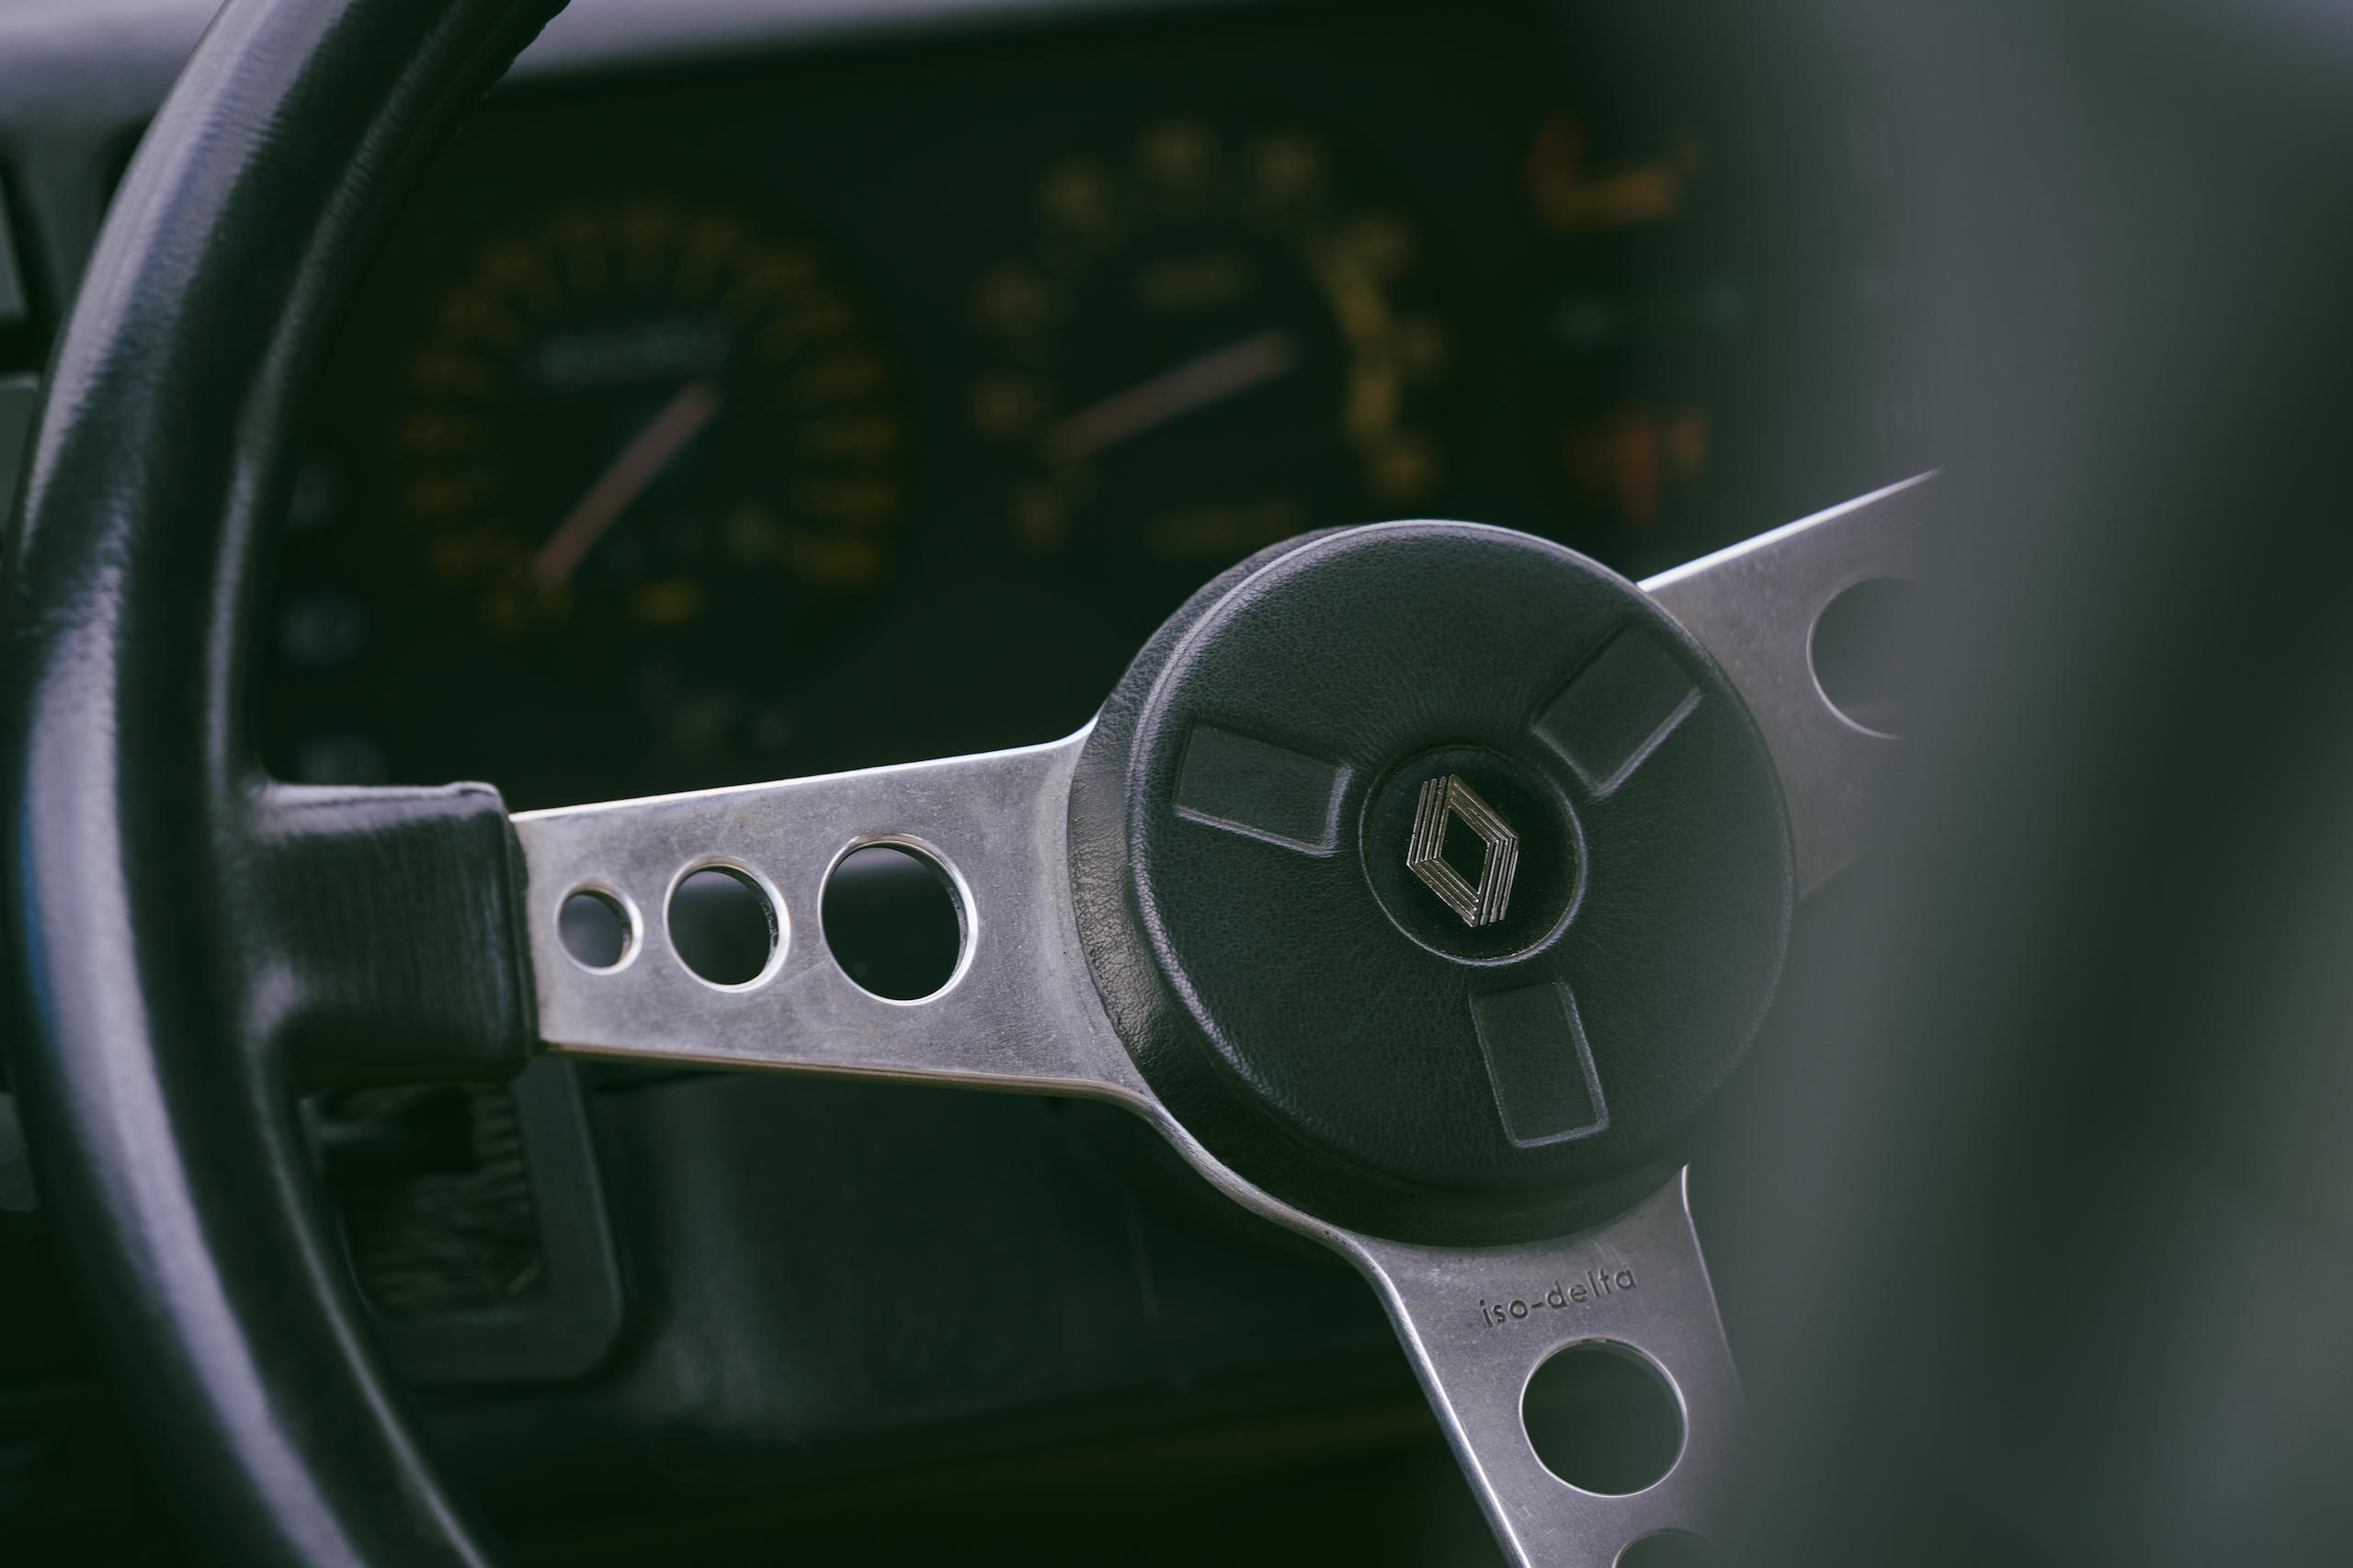 1985 Renault R5 Turbo 2 interior steering wheel detail